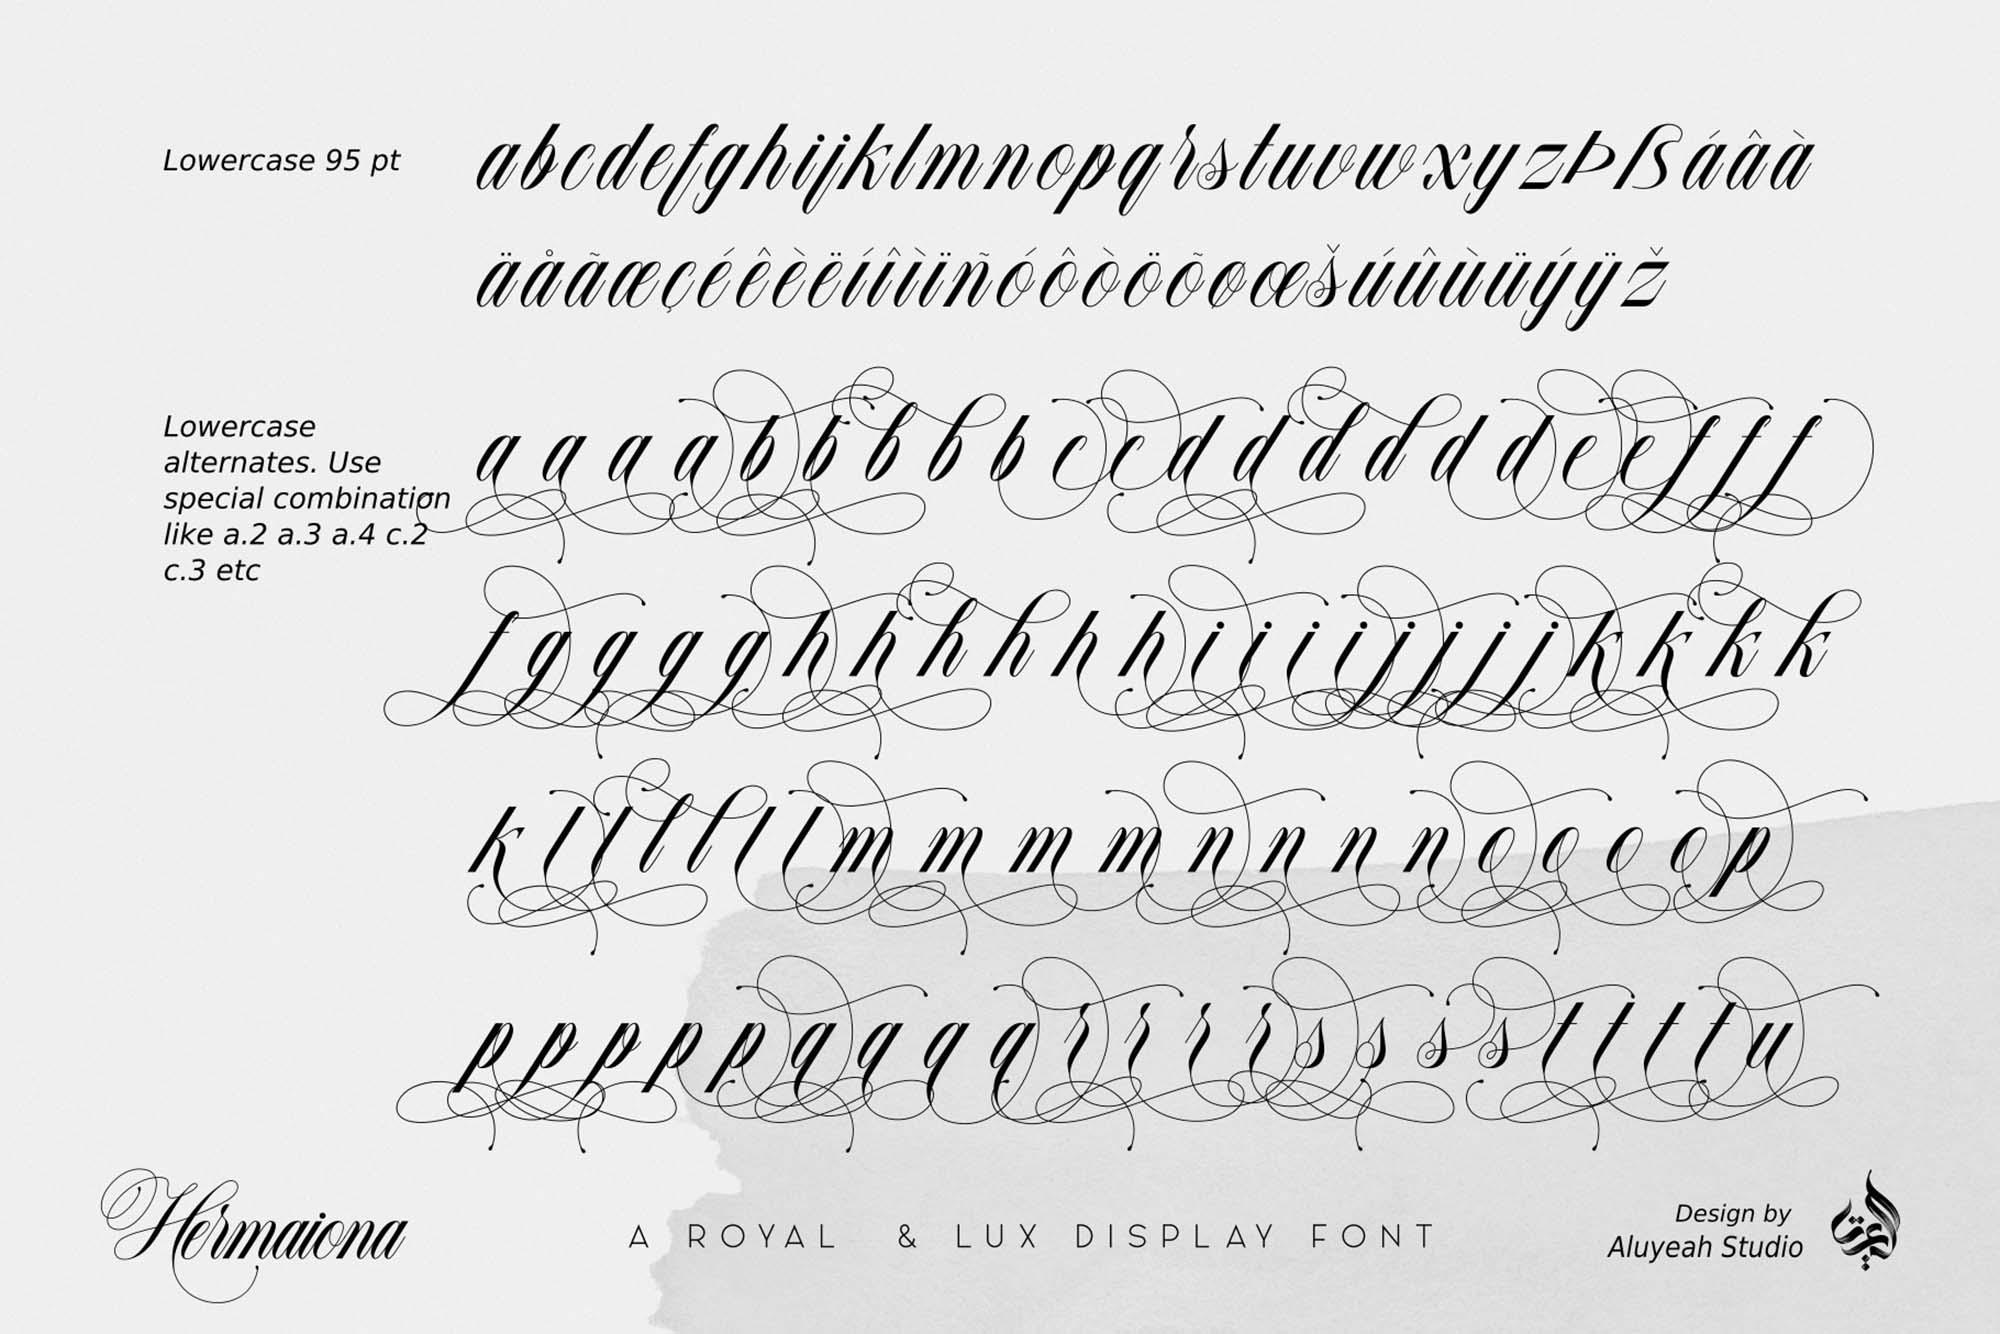 Hermaiona Royal Font 10